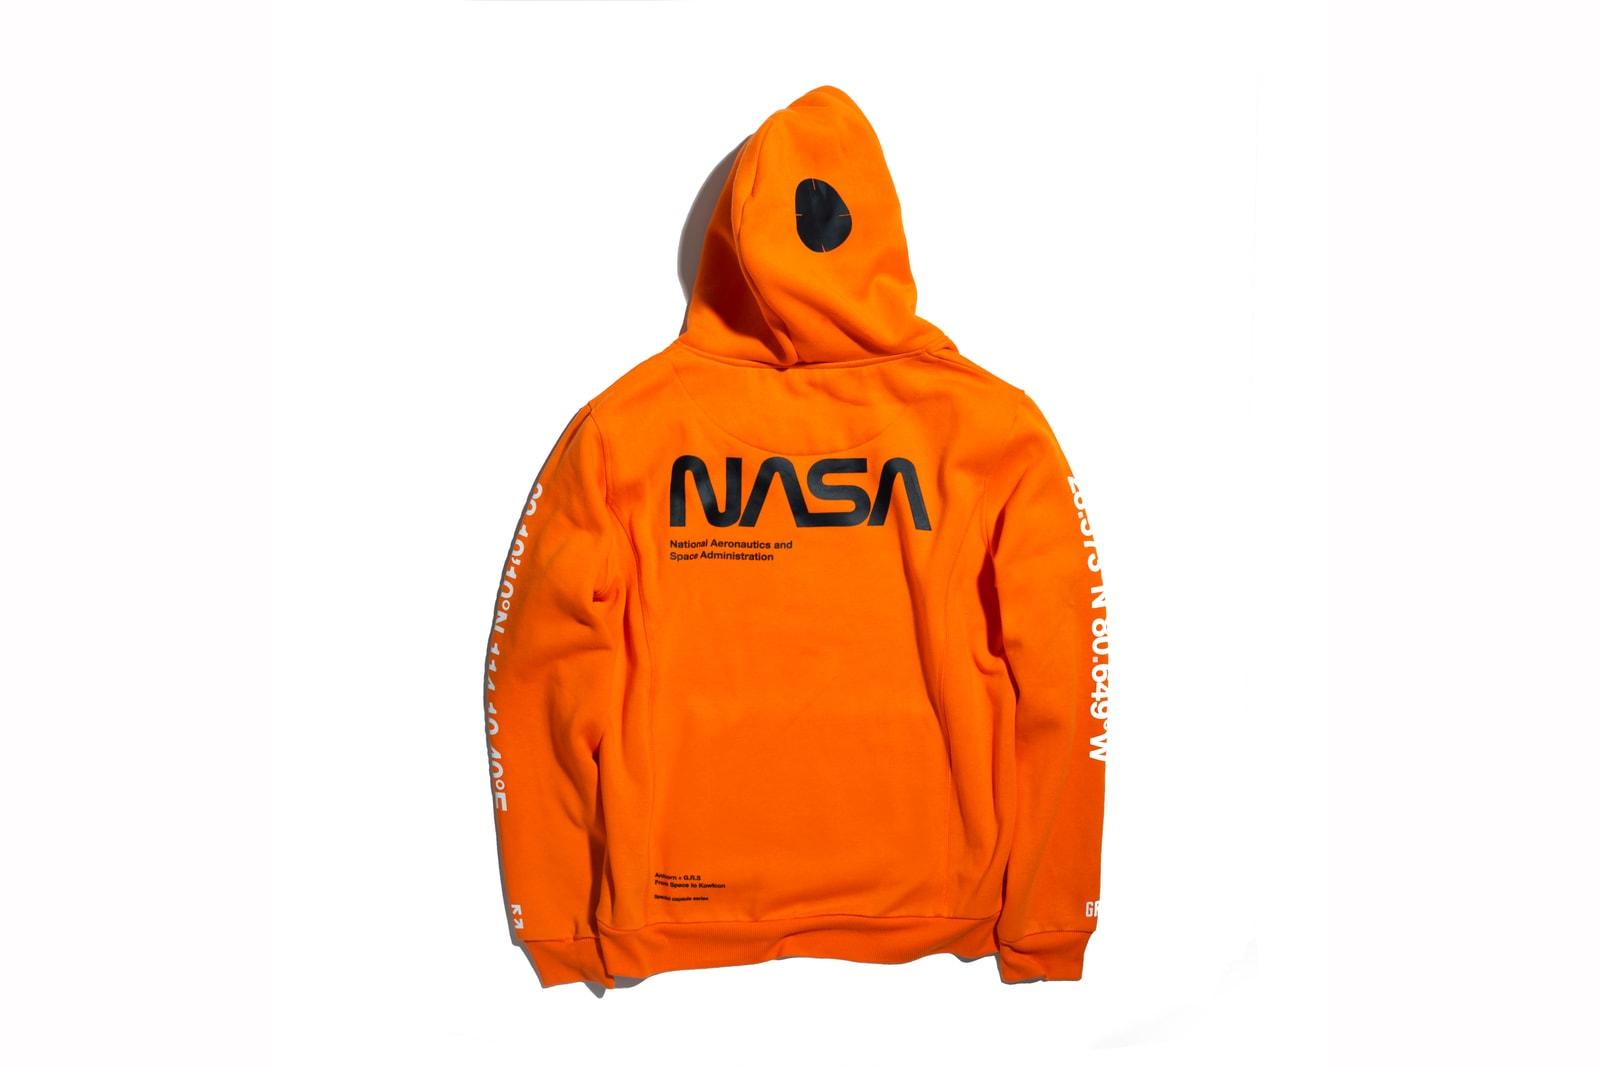 致敬 NASA-Anicorn x G.R.S 特別聯乘企劃一舉公開